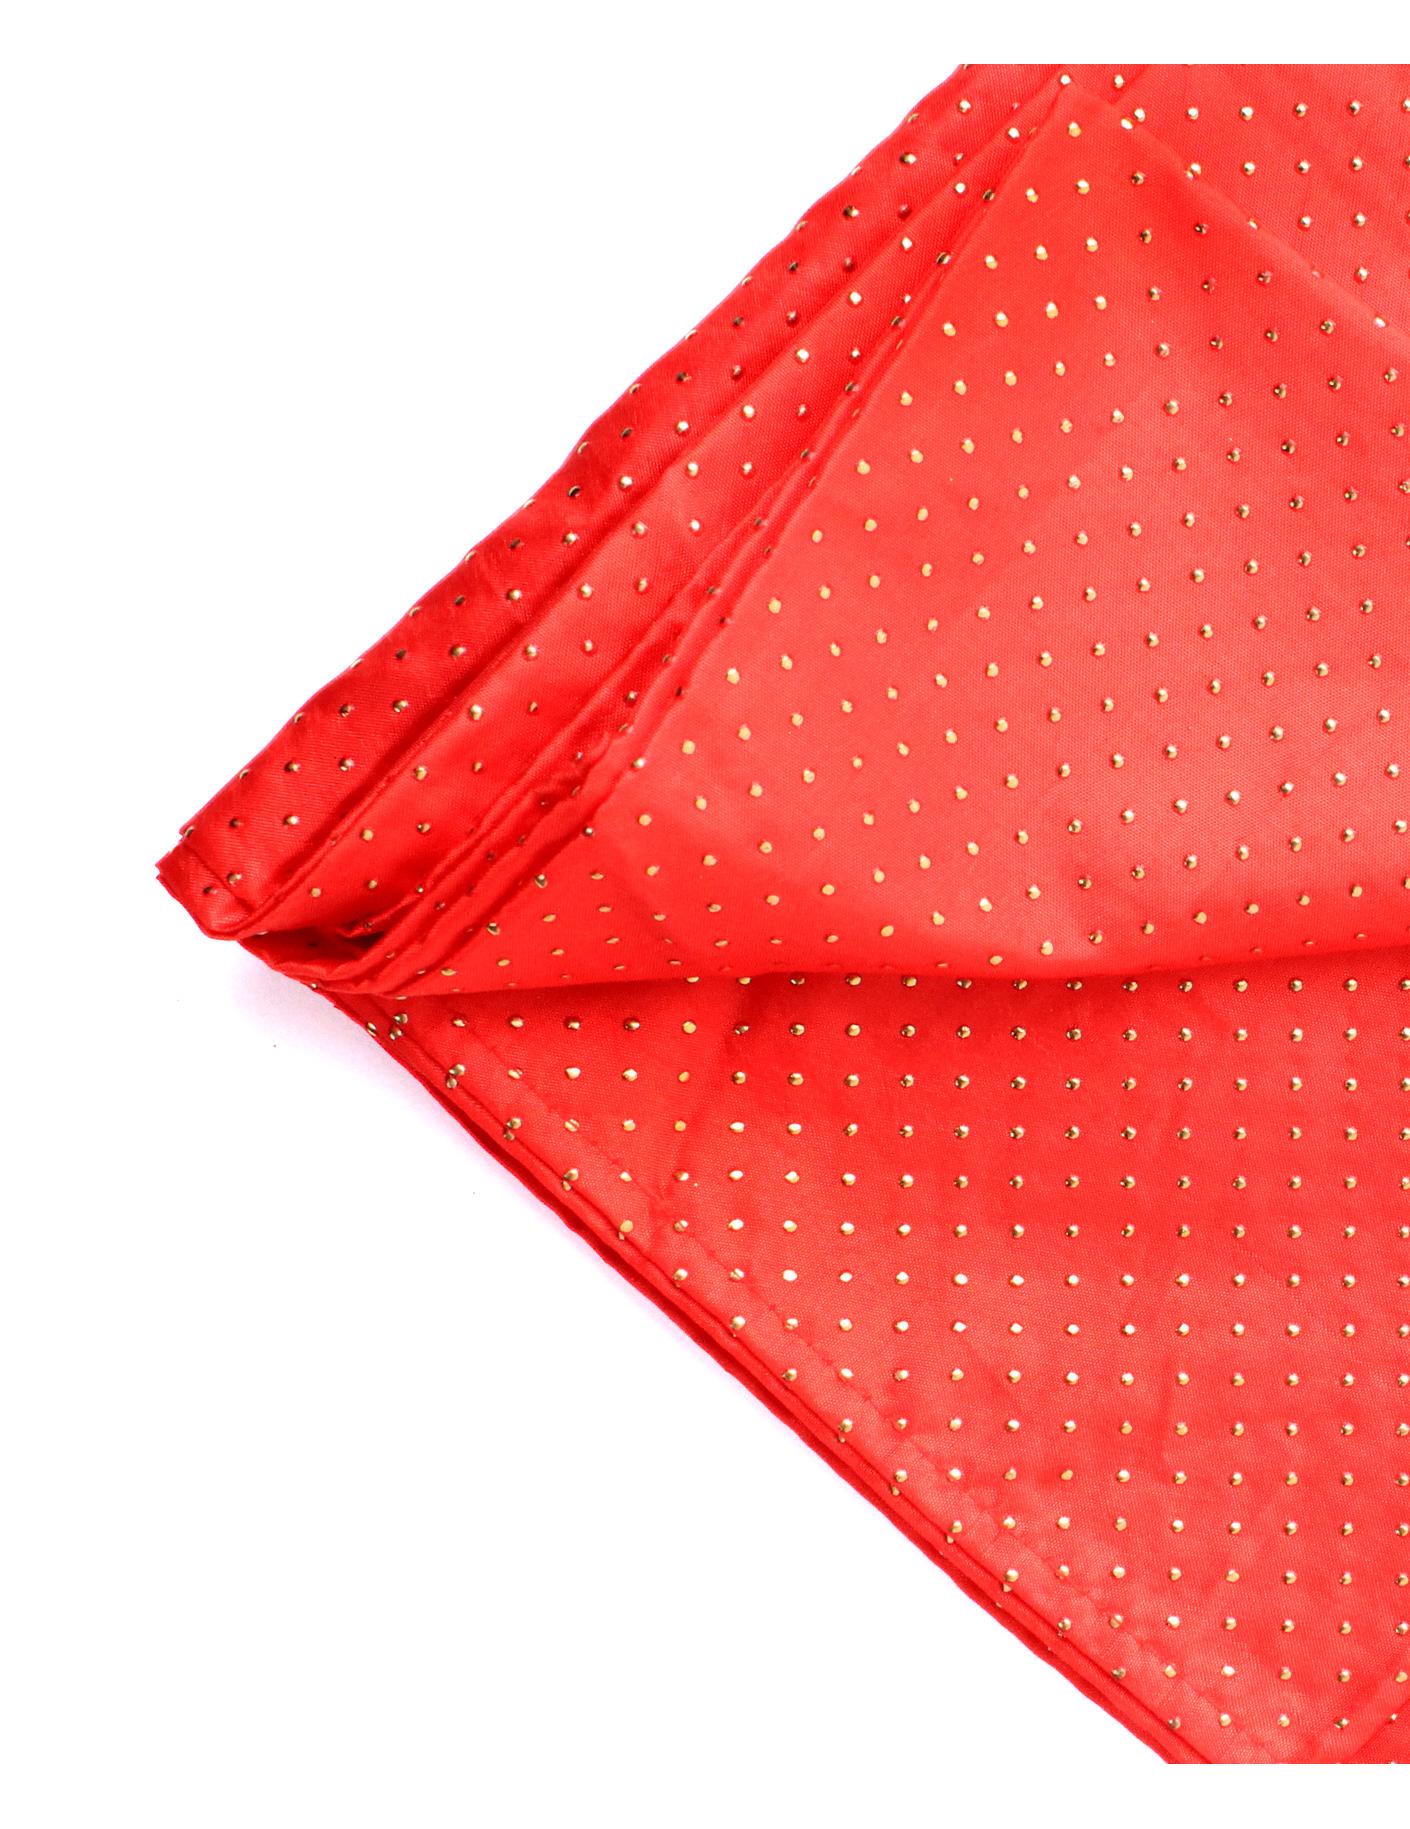 nappe rectangulaire rouge et or 140 x 240 cm d coration anniversaire et f tes th me sur. Black Bedroom Furniture Sets. Home Design Ideas